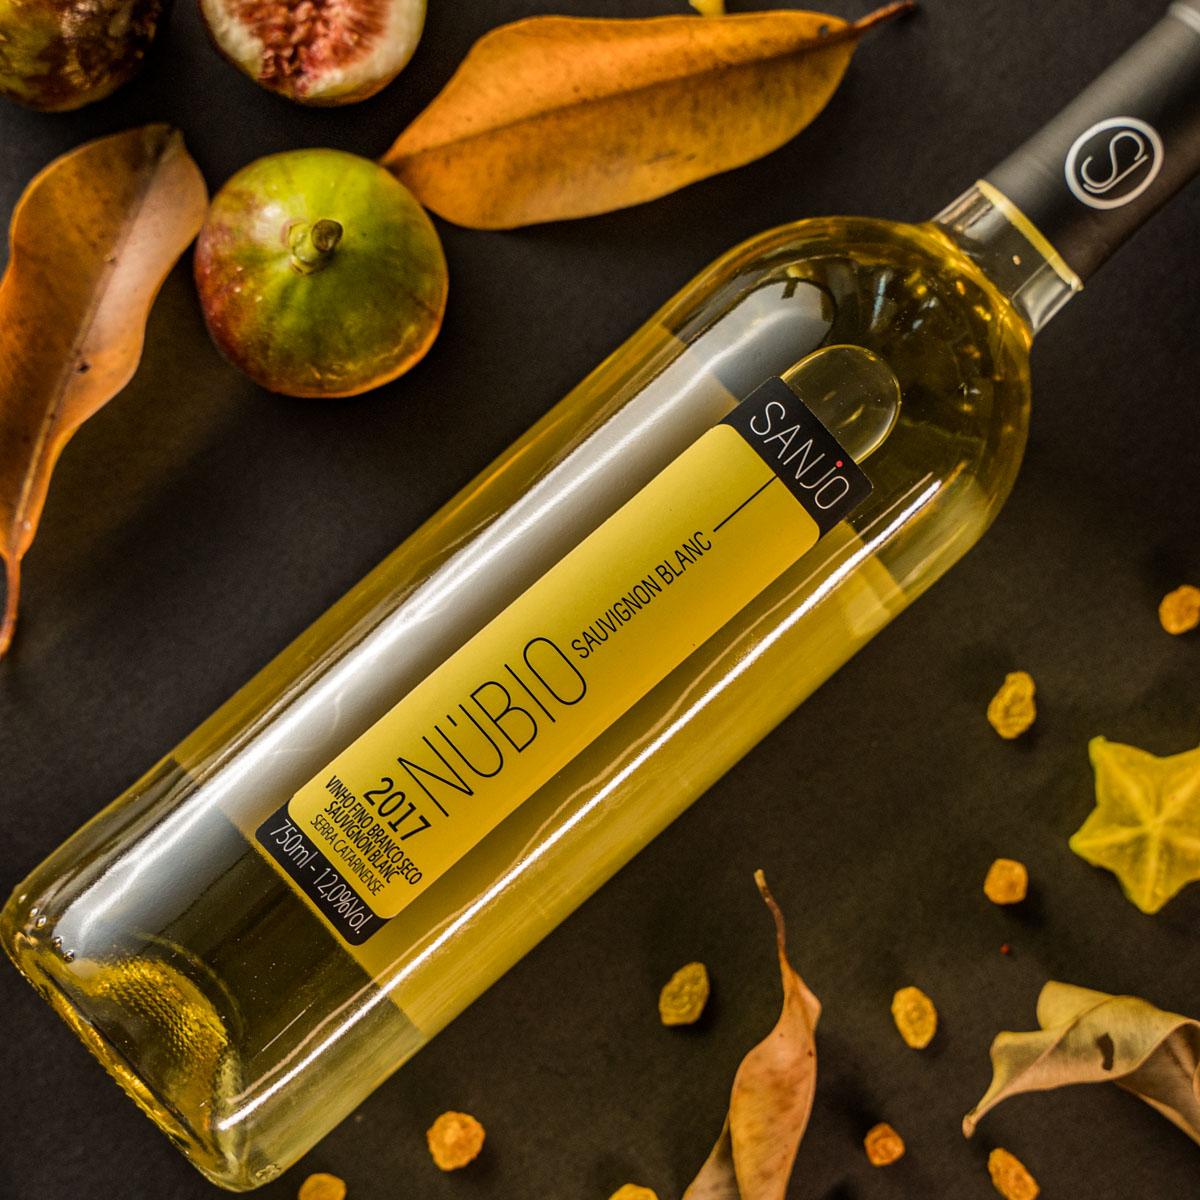 Vinho Branco Núbio - Sauvignon Blanc 2019 - Vinícola Sanjo